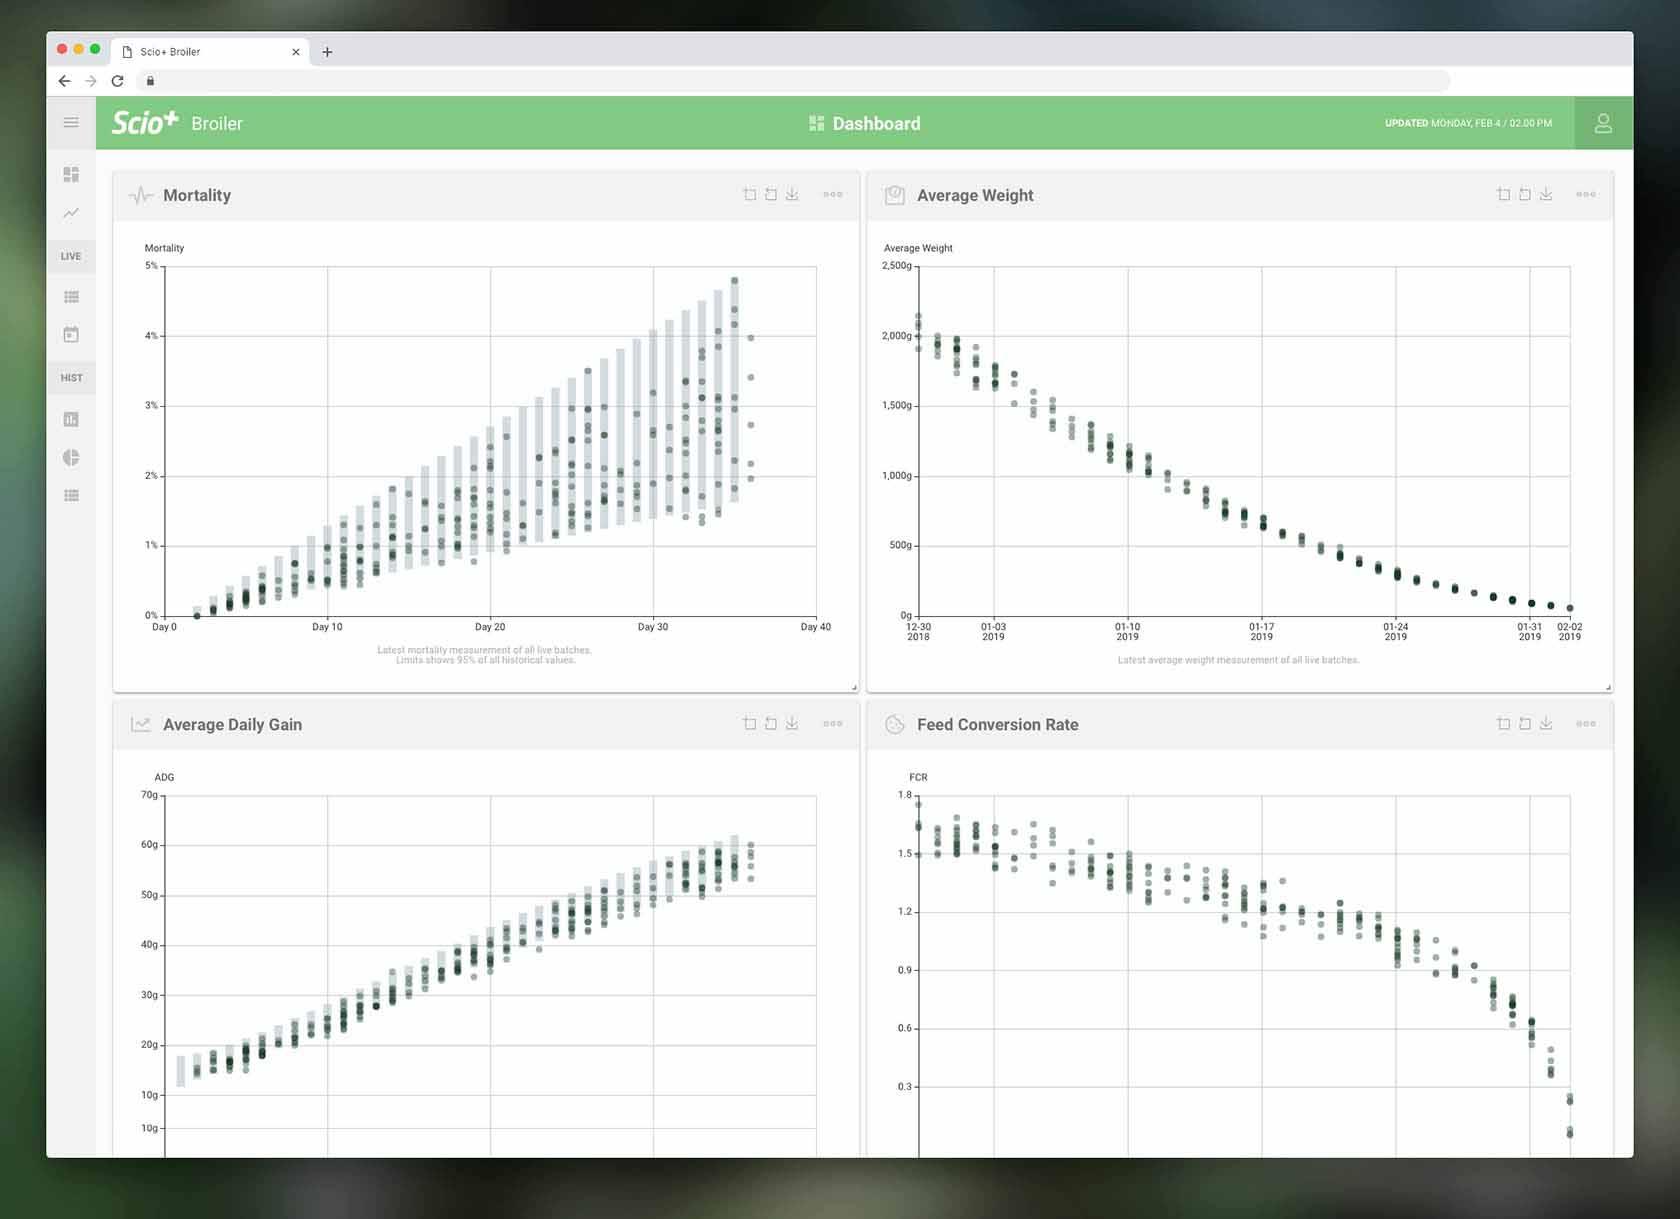 Billede der viser UI design til SCIO+ dashboard